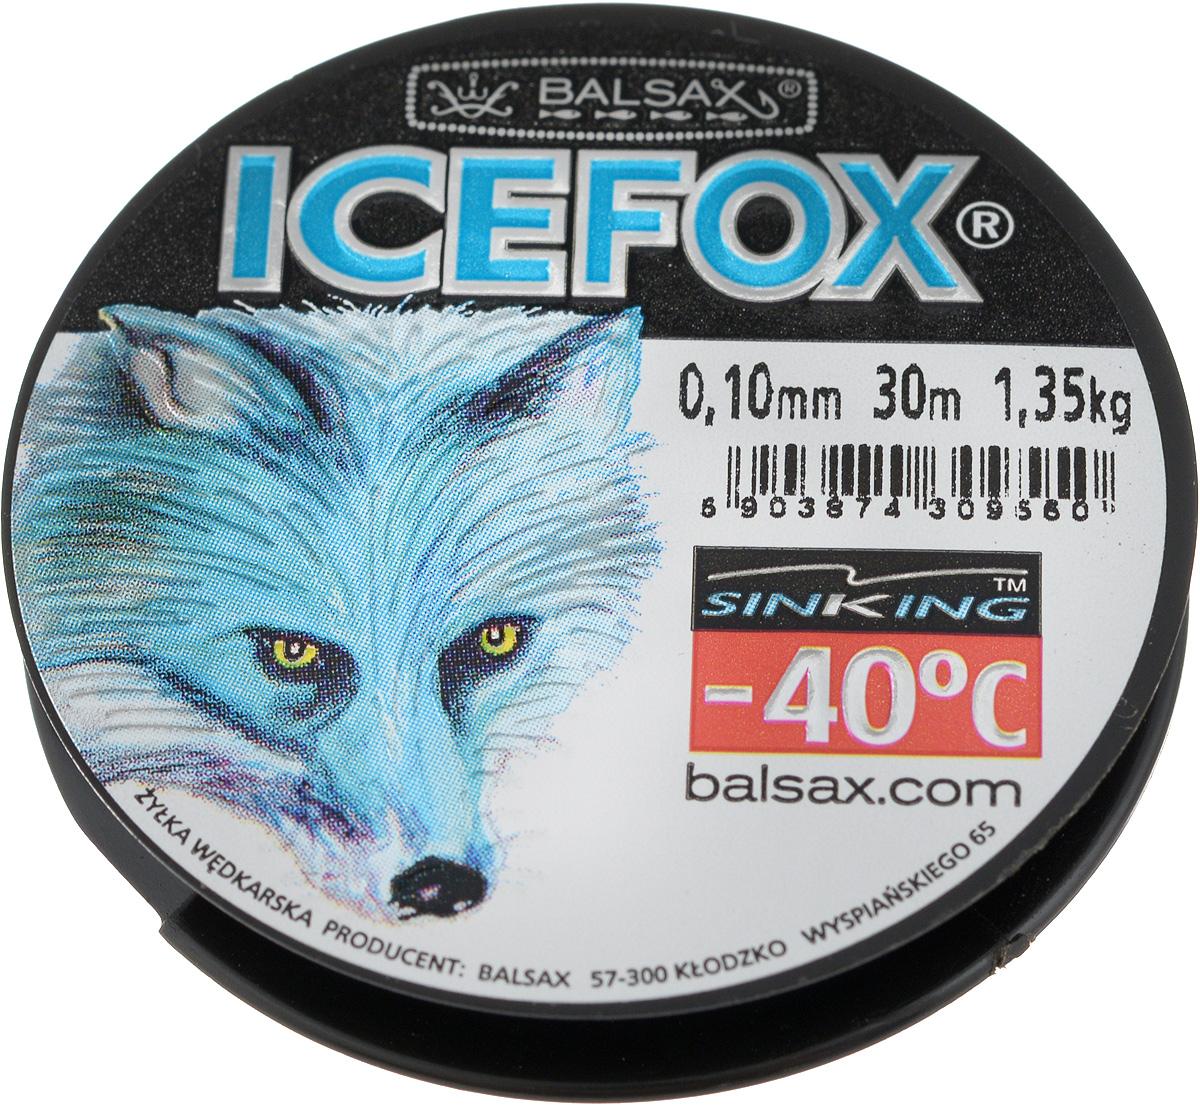 Леска зимняя Balsax Ice Fox, 30 м, 0,10 мм, 1,35 кг310-07010Леска Balsax Ice Fox изготовлена из 100% нейлона и очень хорошо выдерживает низкие температуры. Даже в самом холодном климате, при температуре вплоть до -40°C, она сохраняет свои свойства практически без изменений, в то время как традиционные лески становятся менее эластичными и теряют прочность. Поверхность лески обработана таким образом, что она не обмерзает и отлично подходит для подледного лова. Прочна в местах вязки узлов даже при минимальном диаметре.